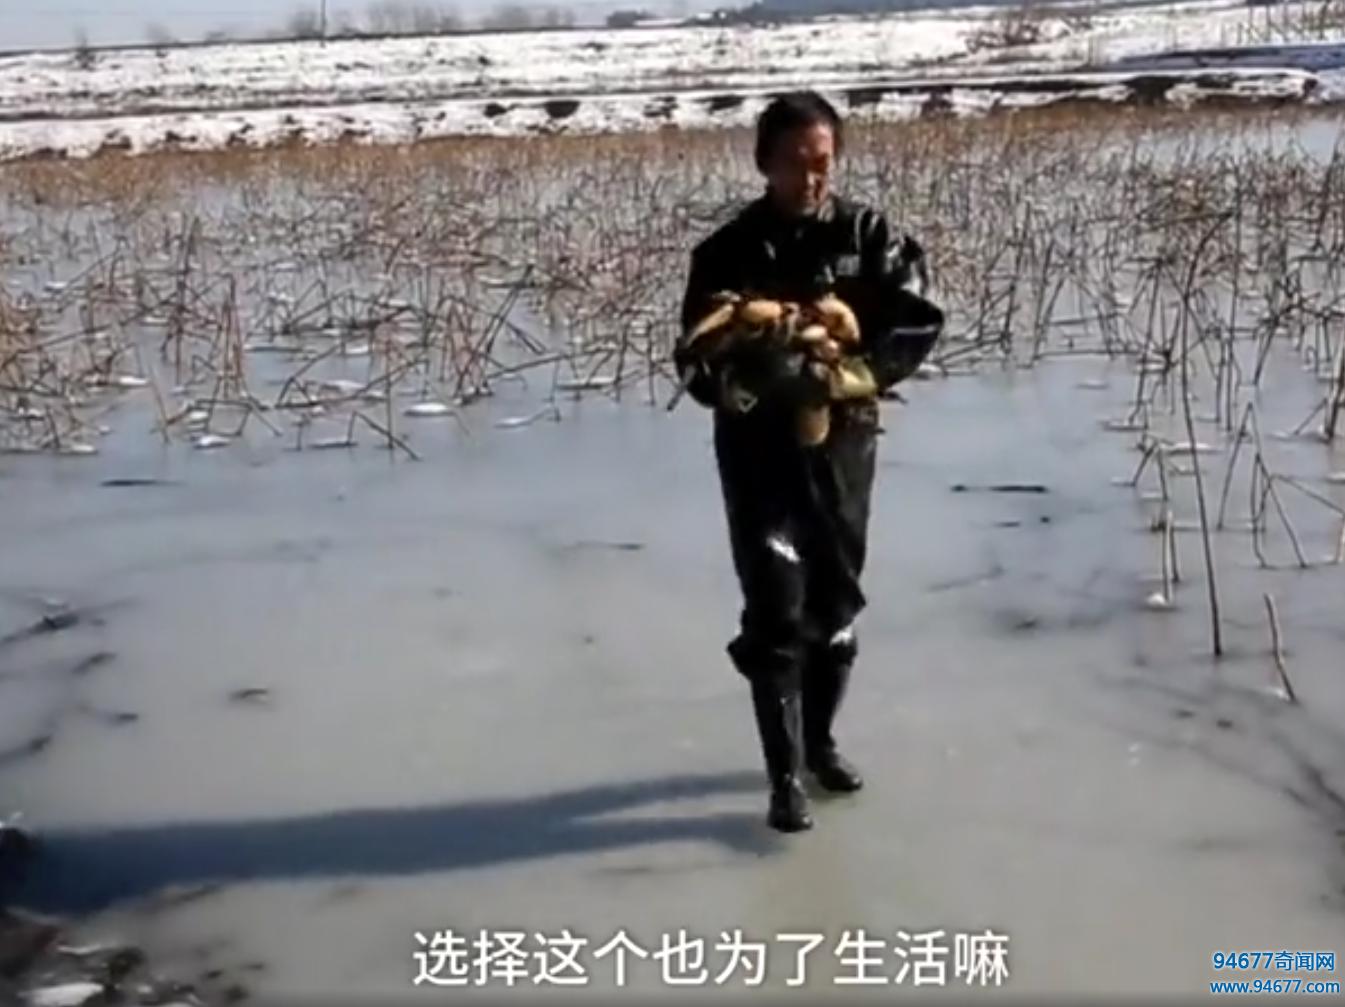 大叔零下-4℃结冰泥潭里,不断怒砸冰块,无奈的称是为了生活